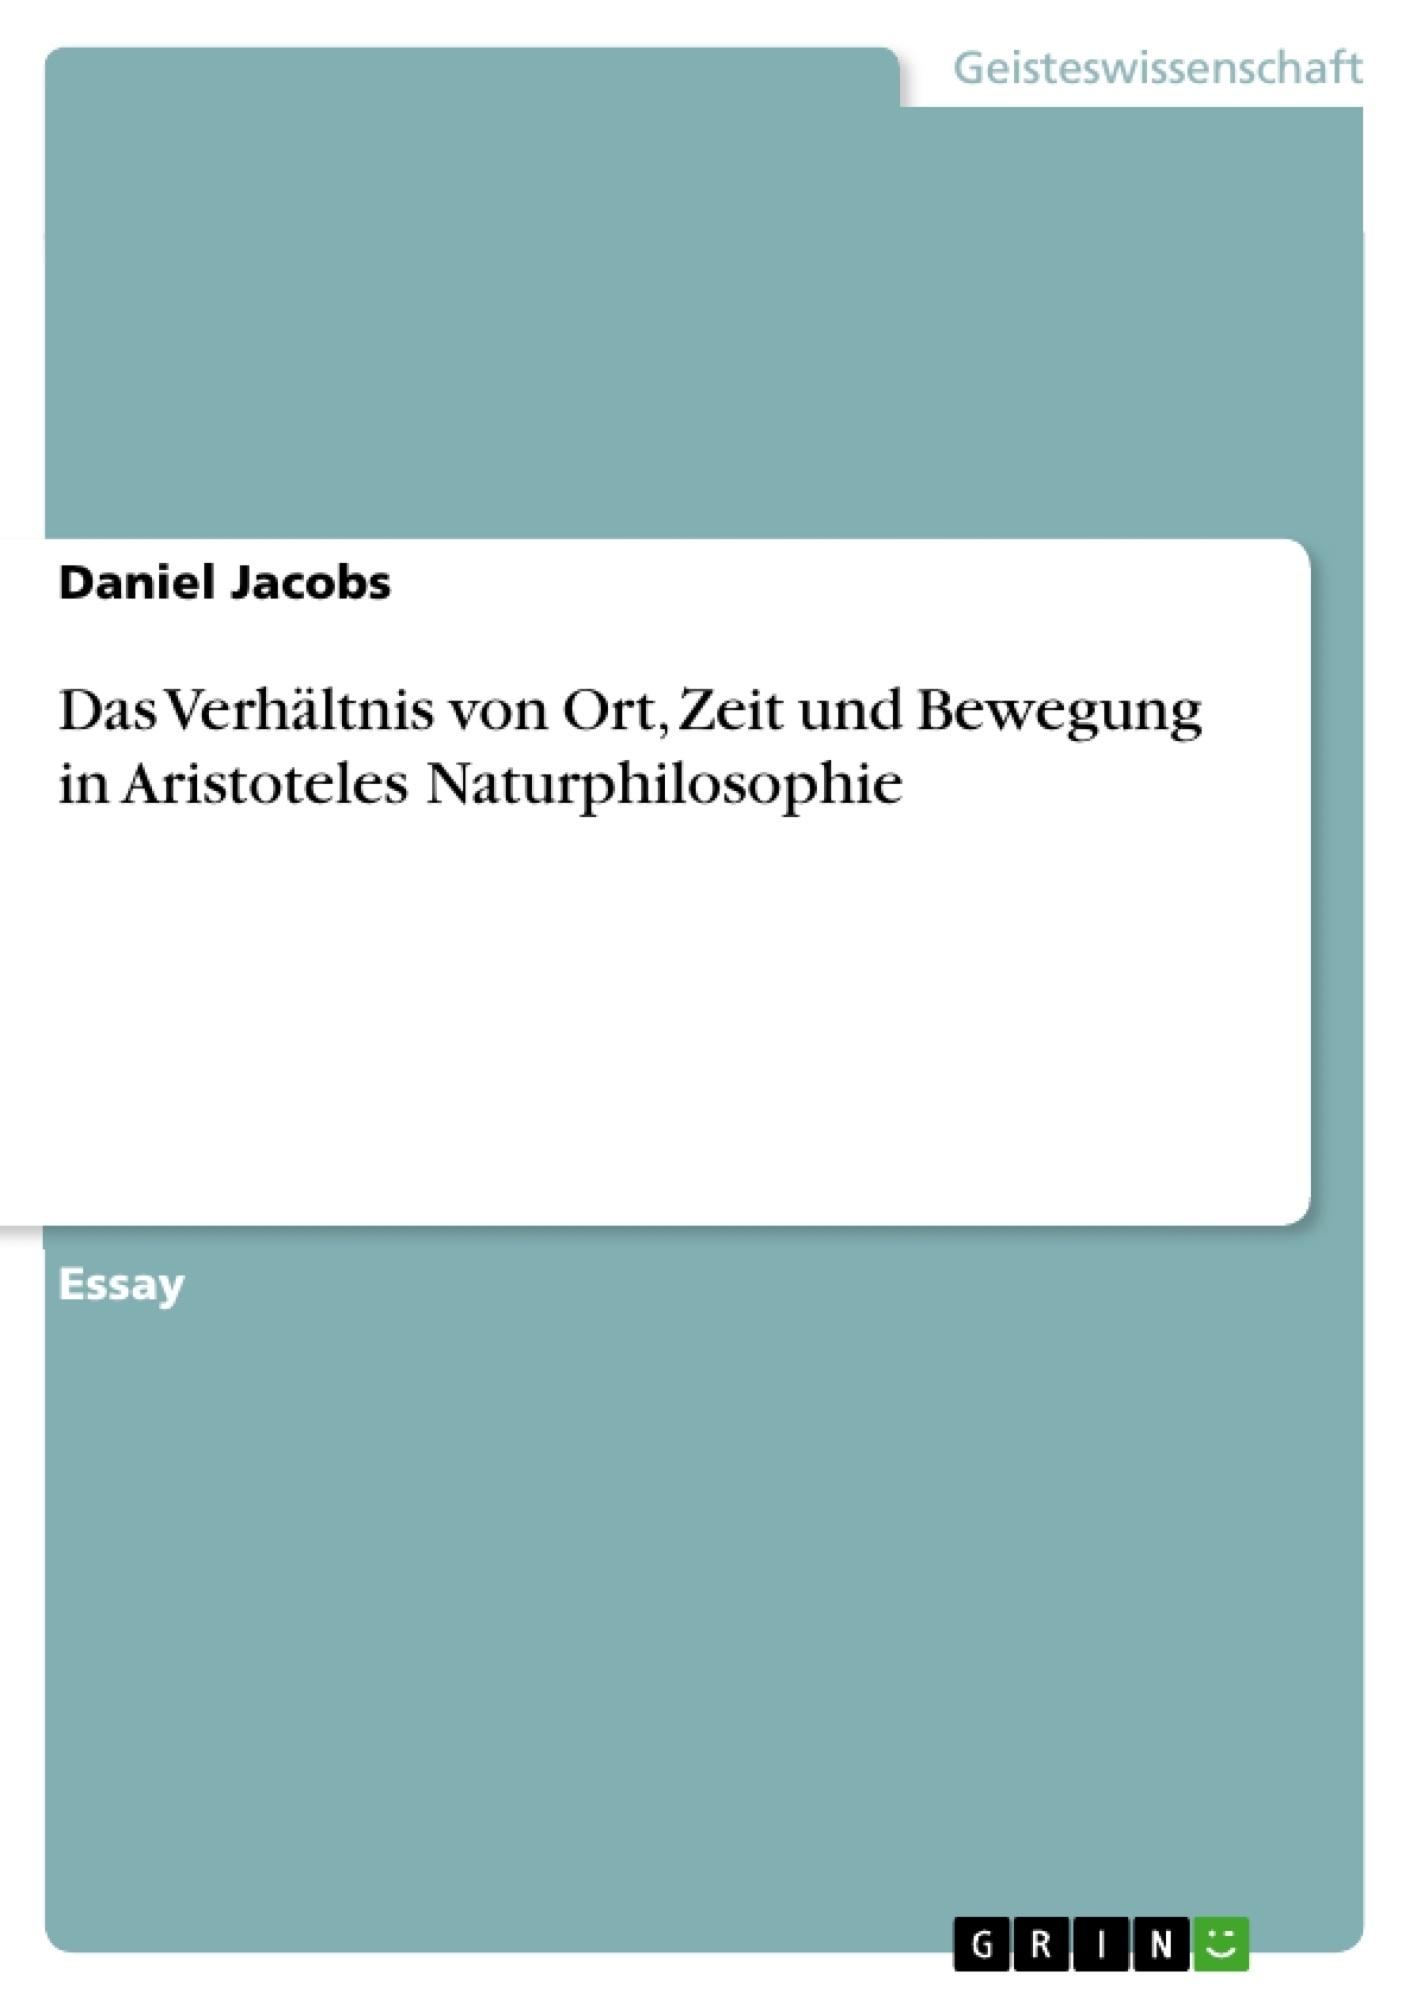 Titel: Das Verhältnis von Ort, Zeit und Bewegung in Aristoteles Naturphilosophie